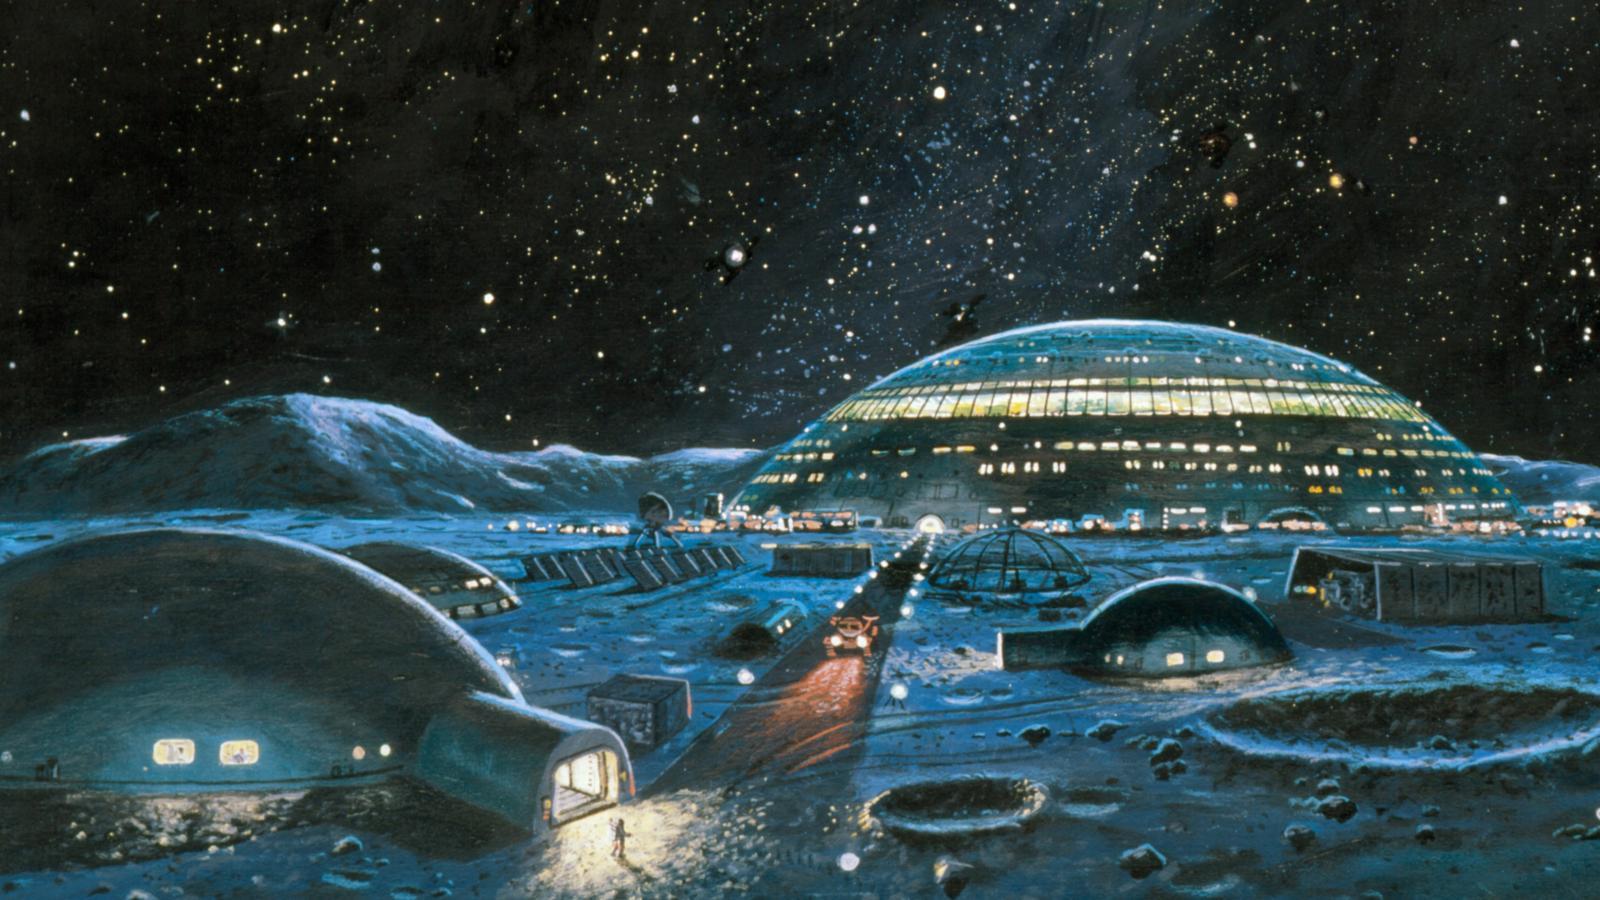 La NASA planea construir un campamento base lunar